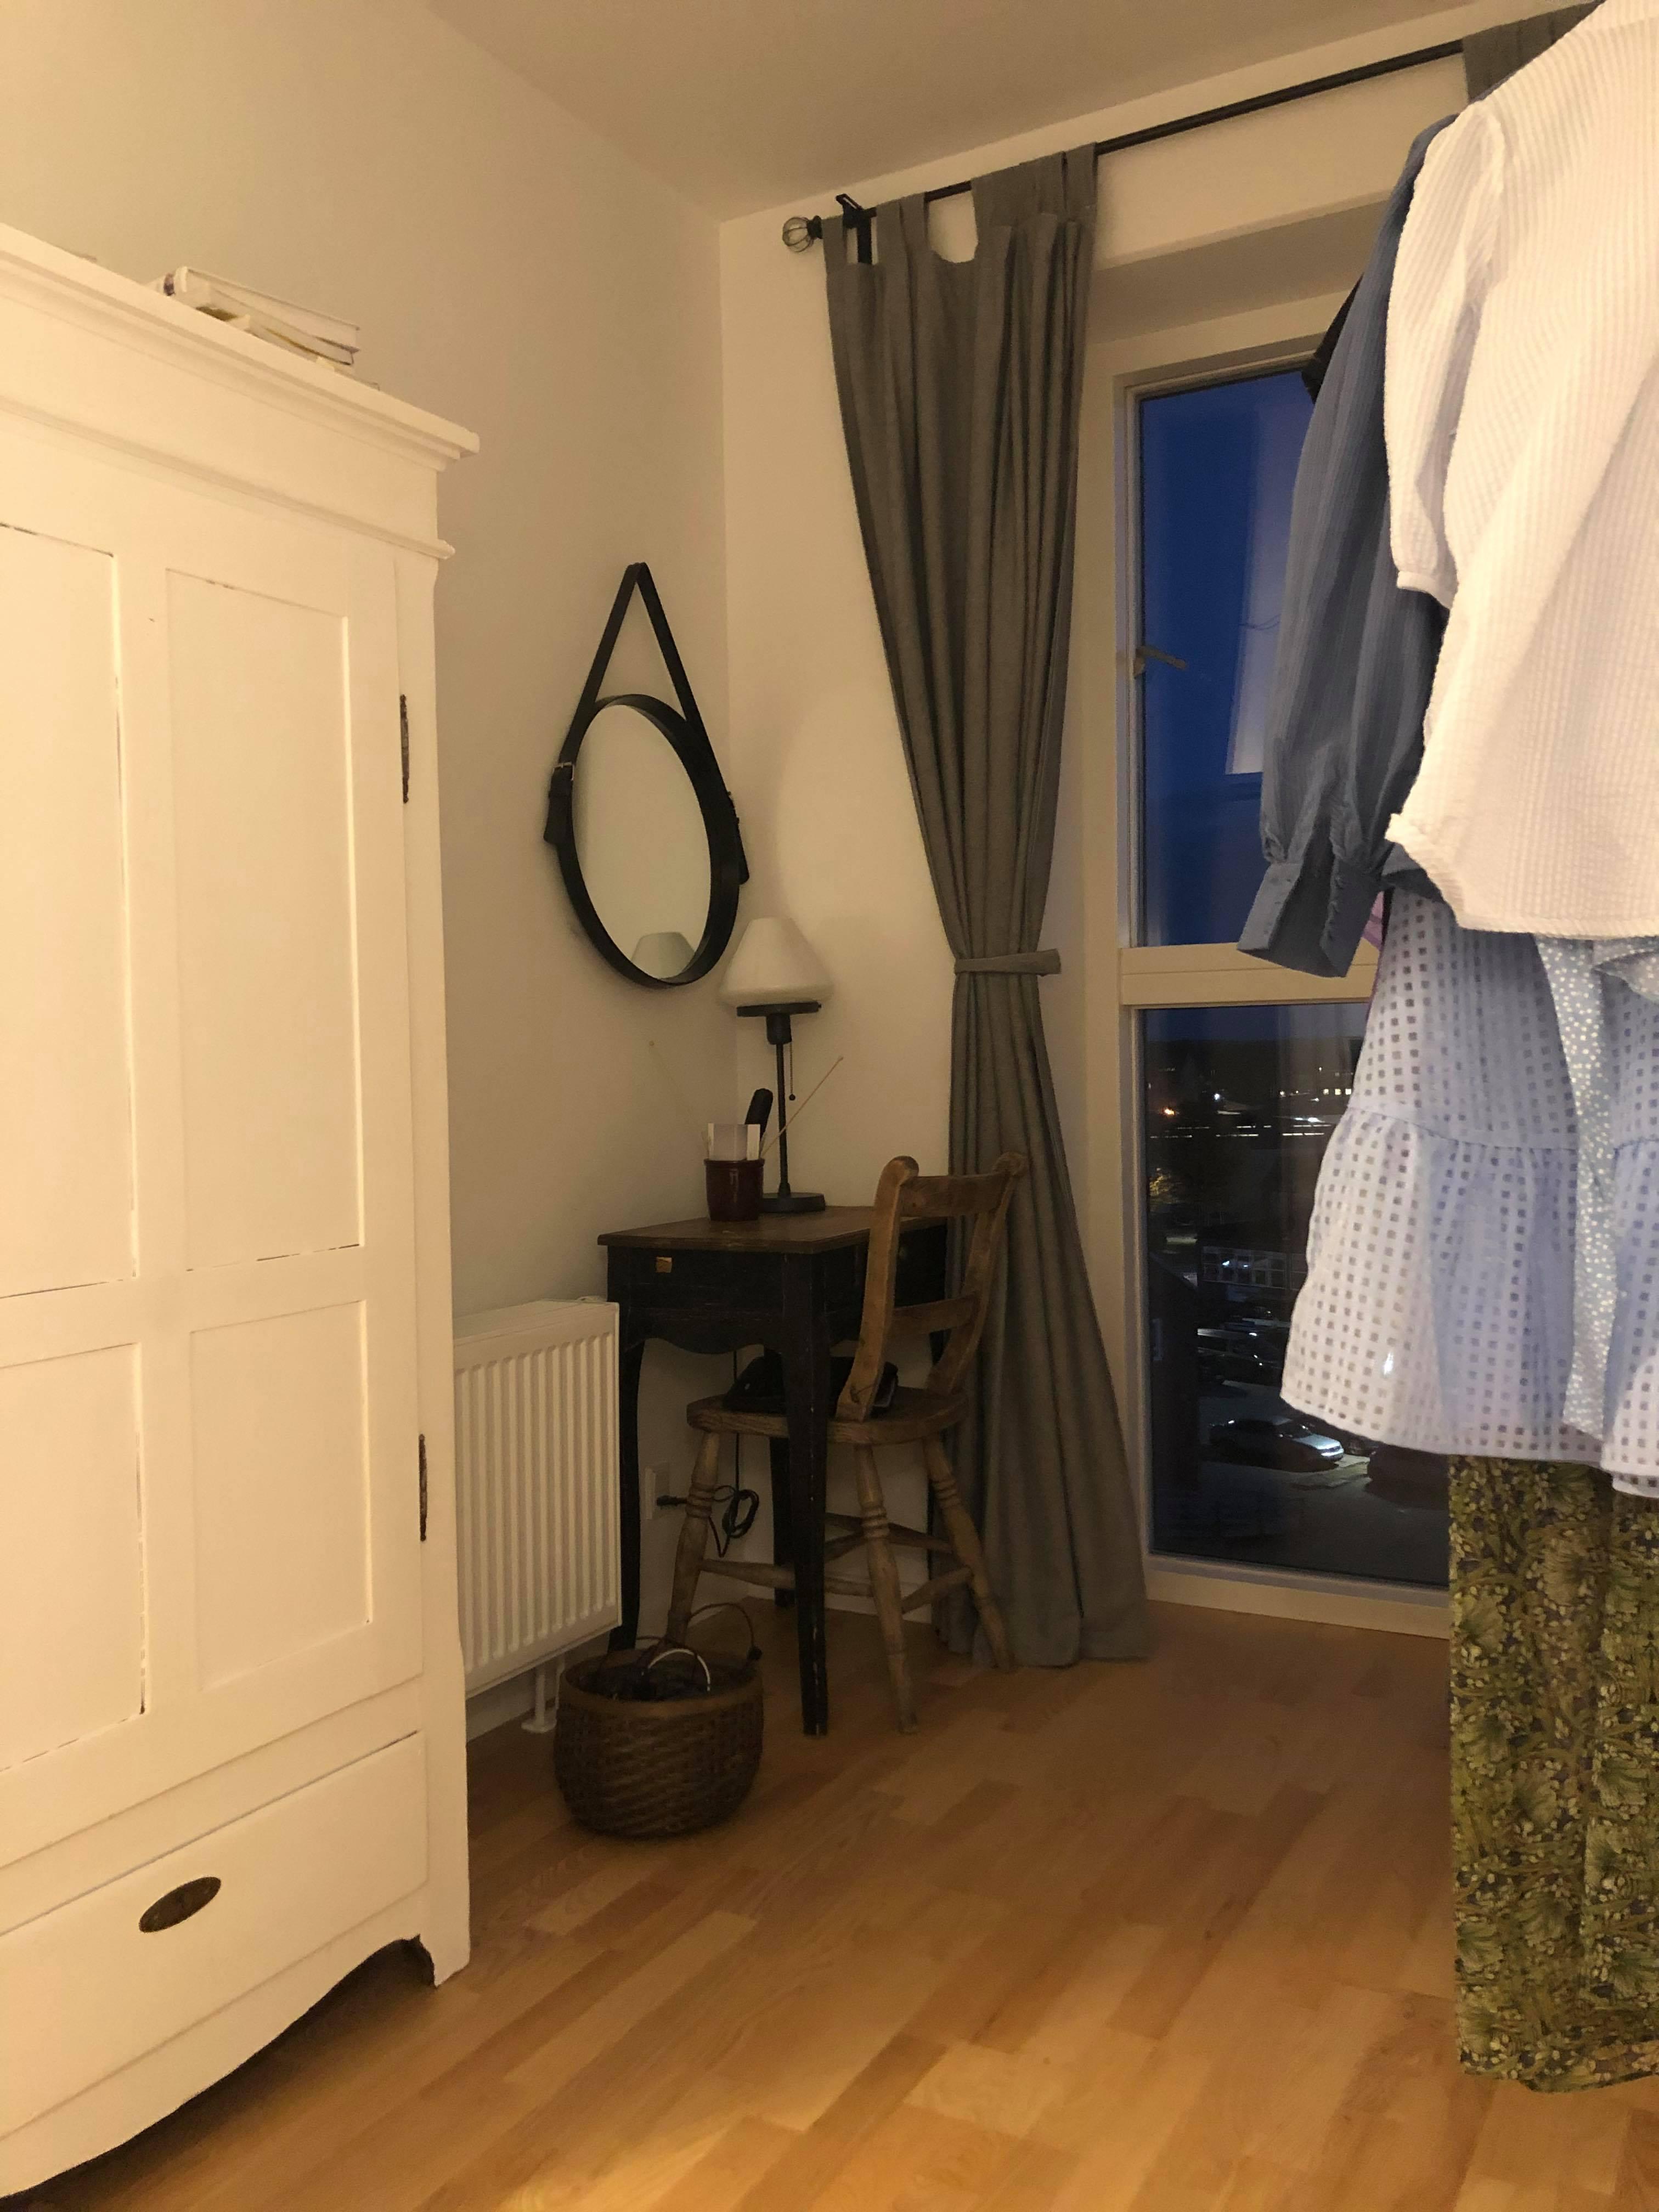 8 kvm værelse udlejes i nyere 3-værelses lejlighed